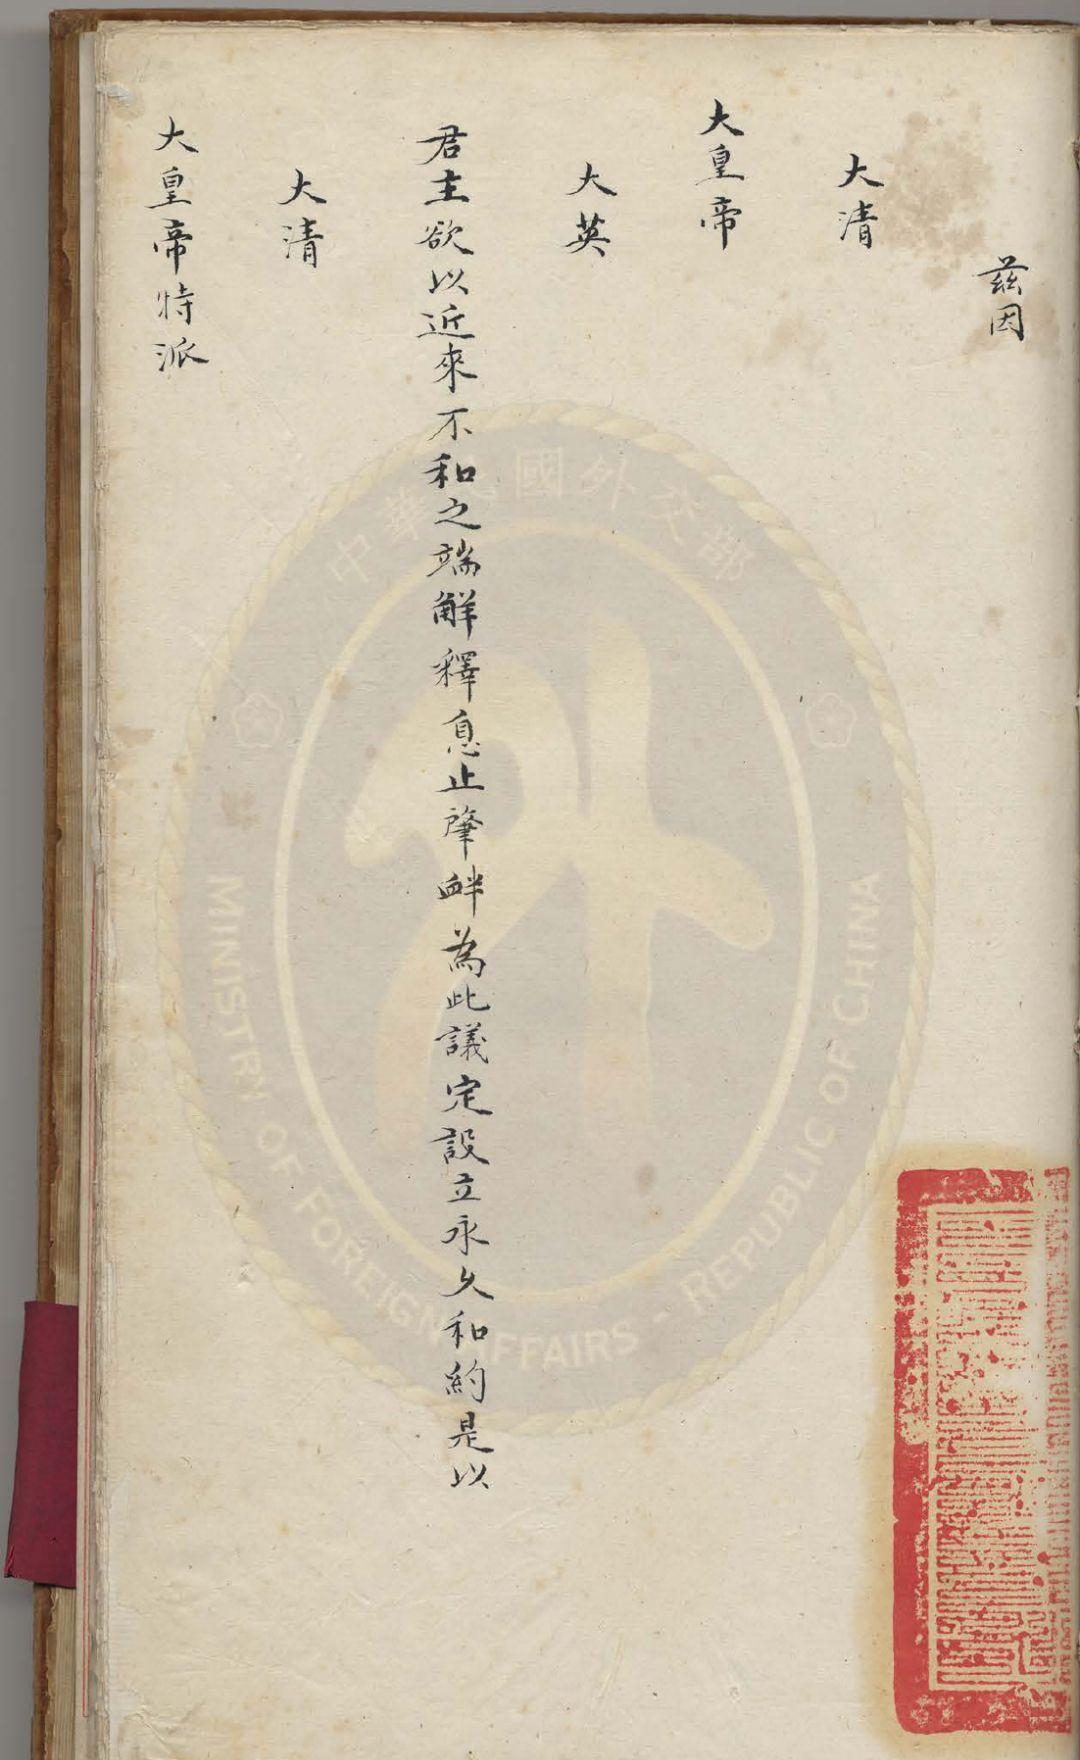 《南京条约》中文译本:中国近代史上第一个不平等条约!